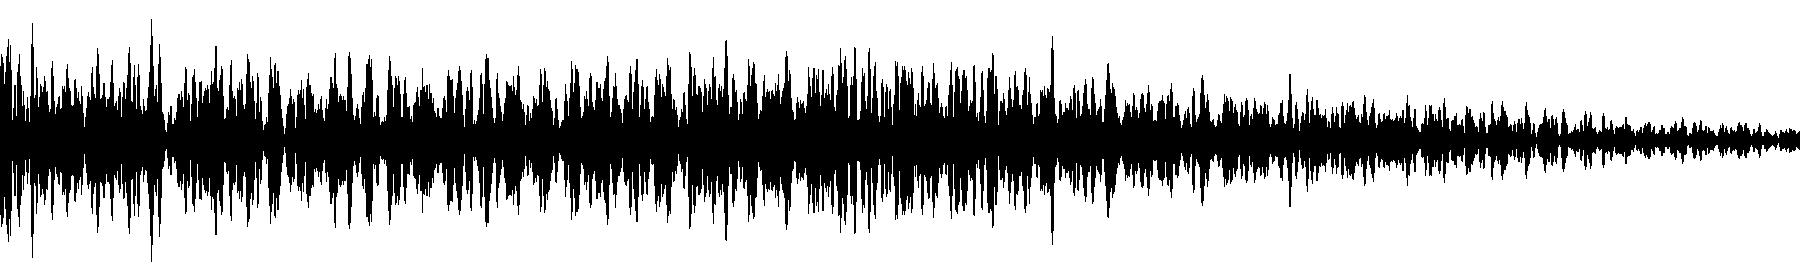 vedh synth cut 136 fm9